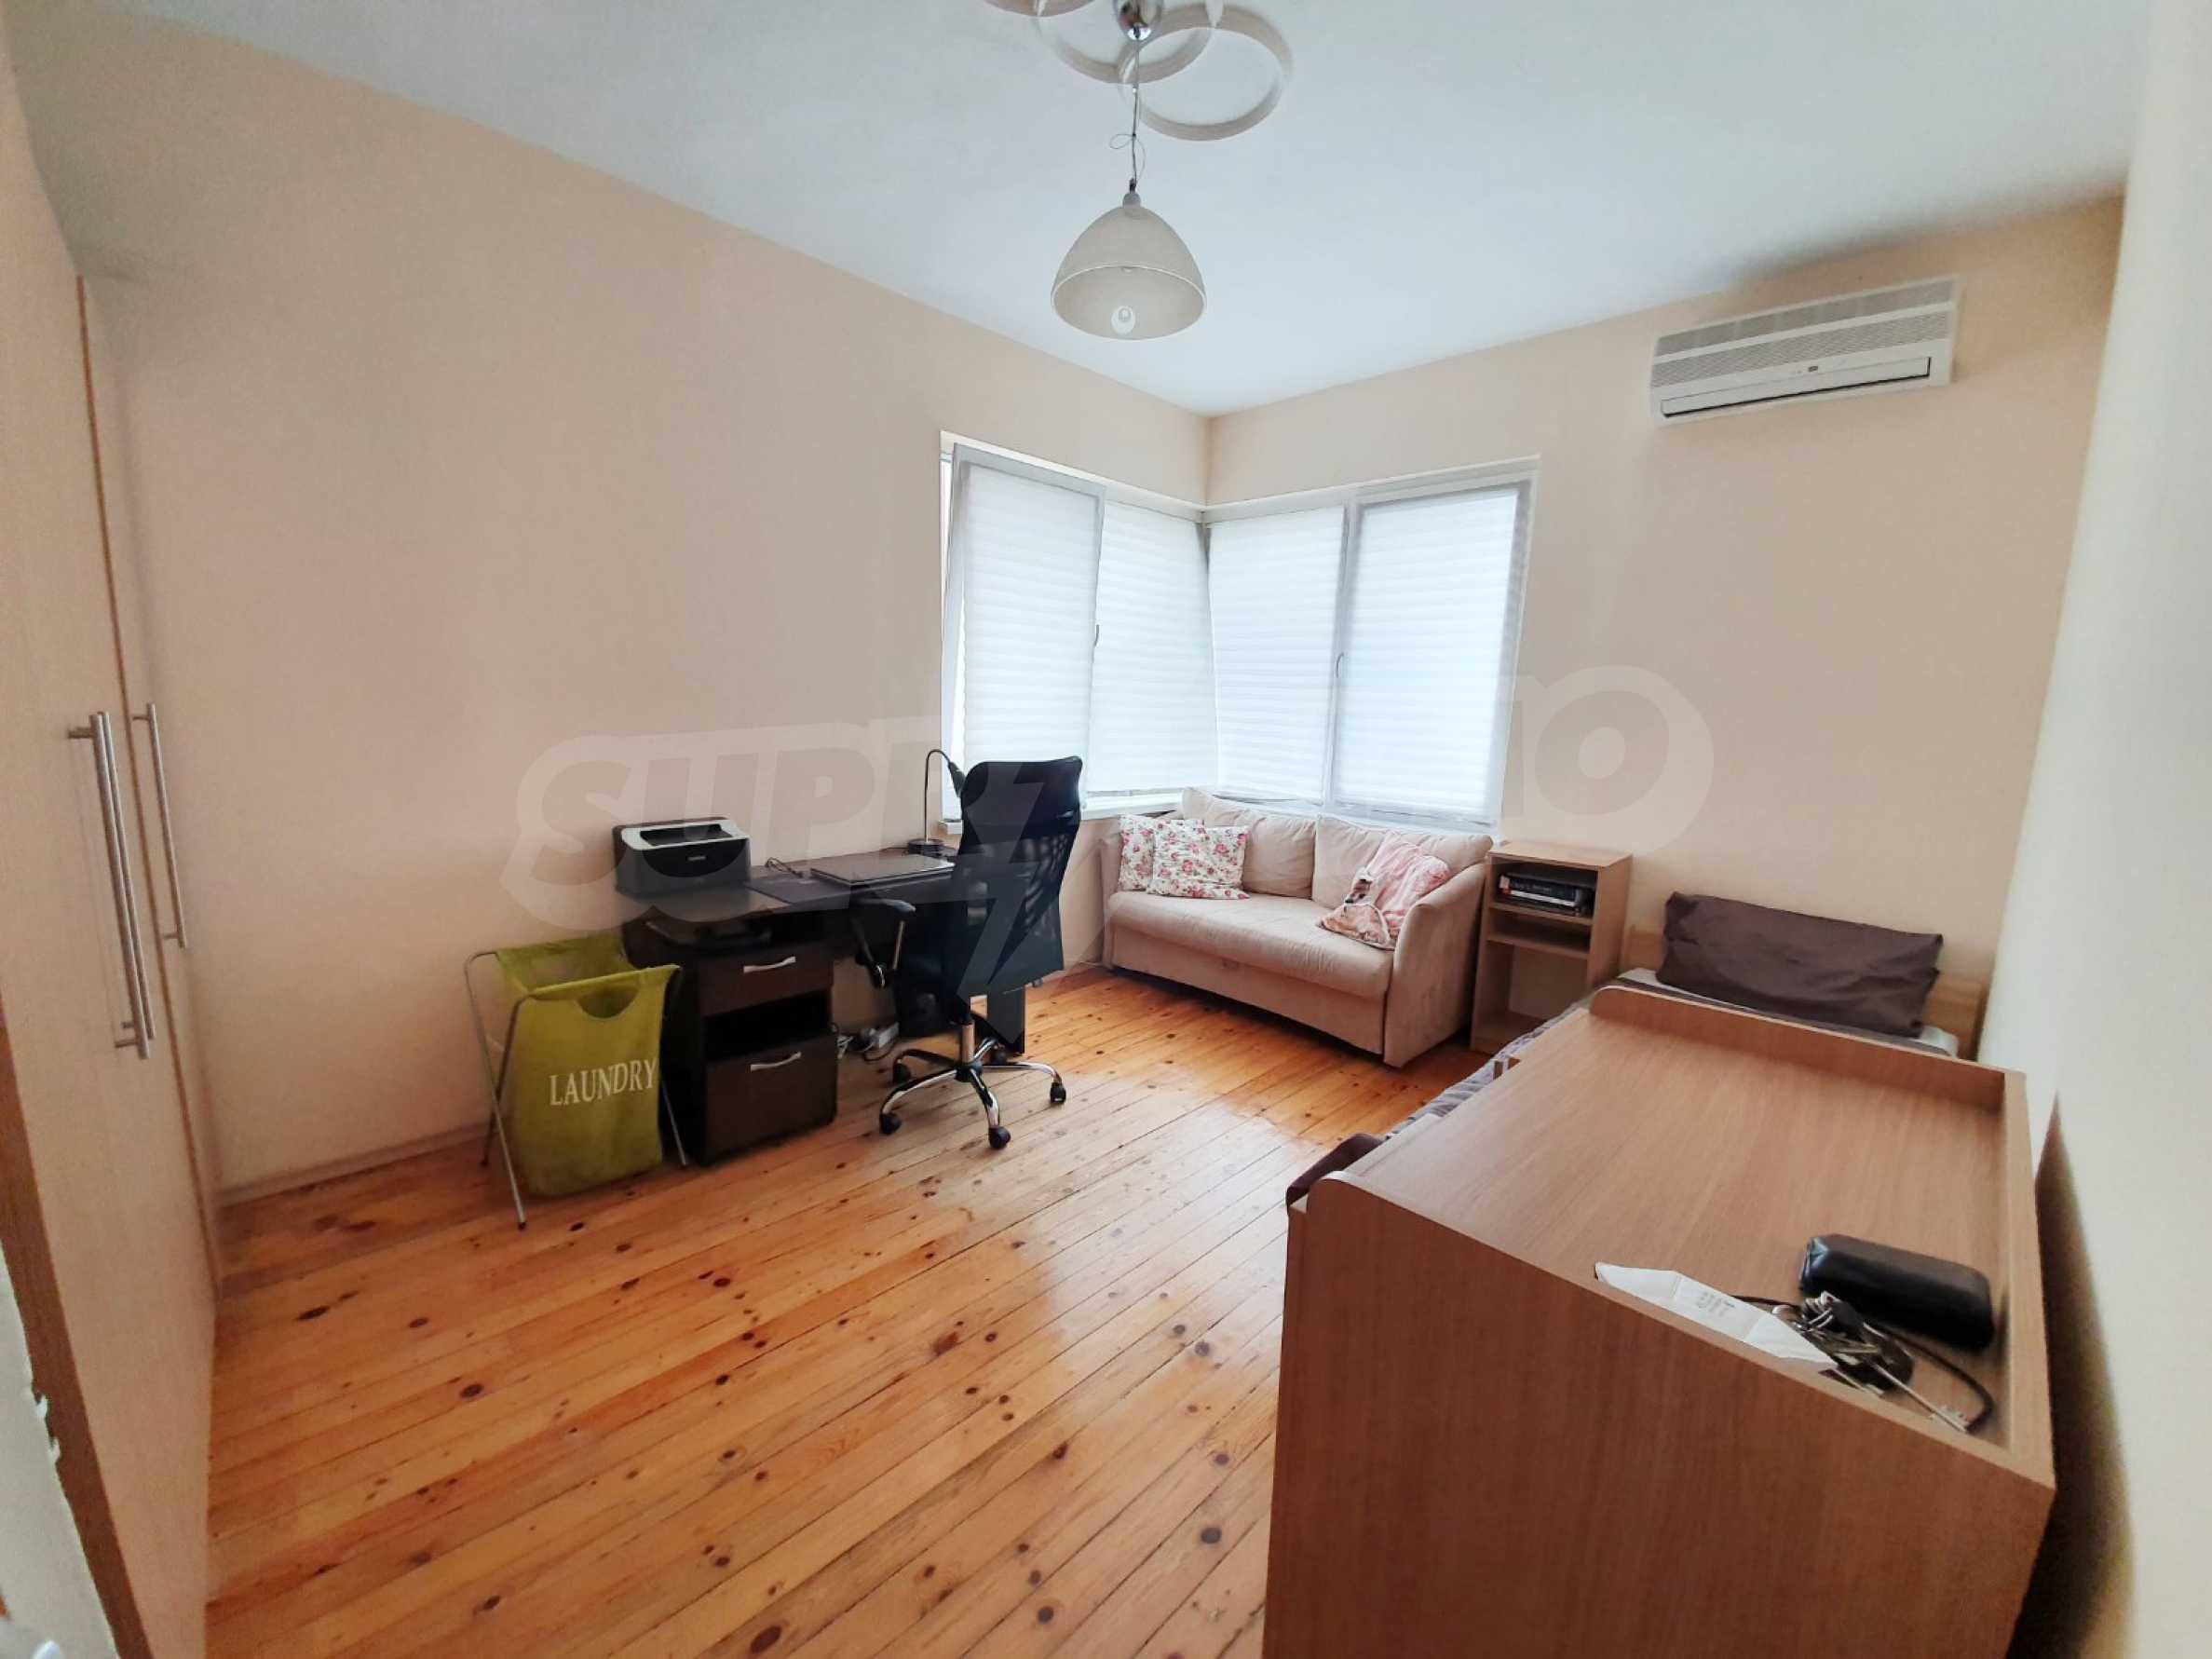 Тристаен апартамент Капитан - под наем в центъра на Варна 3